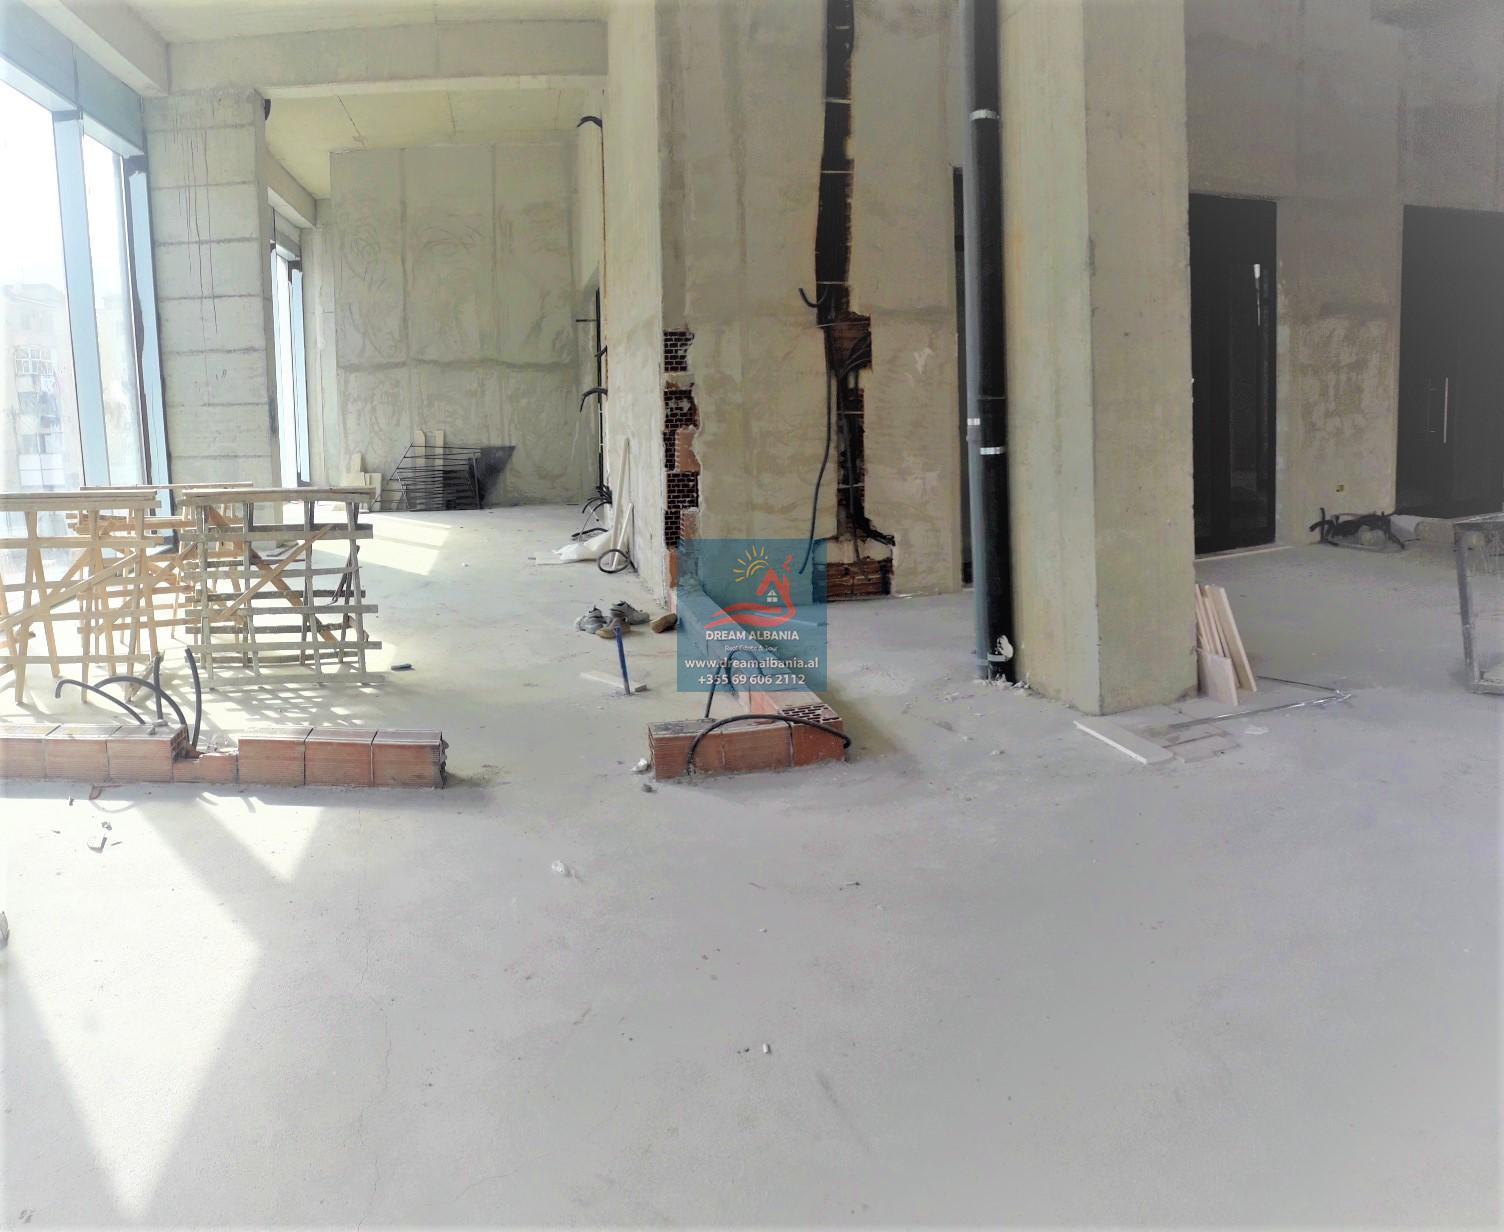 Tiran'da Barricade Caddesi, Old Mill yakınında Merkezde Kiralık Ofis (ID 4261349)…